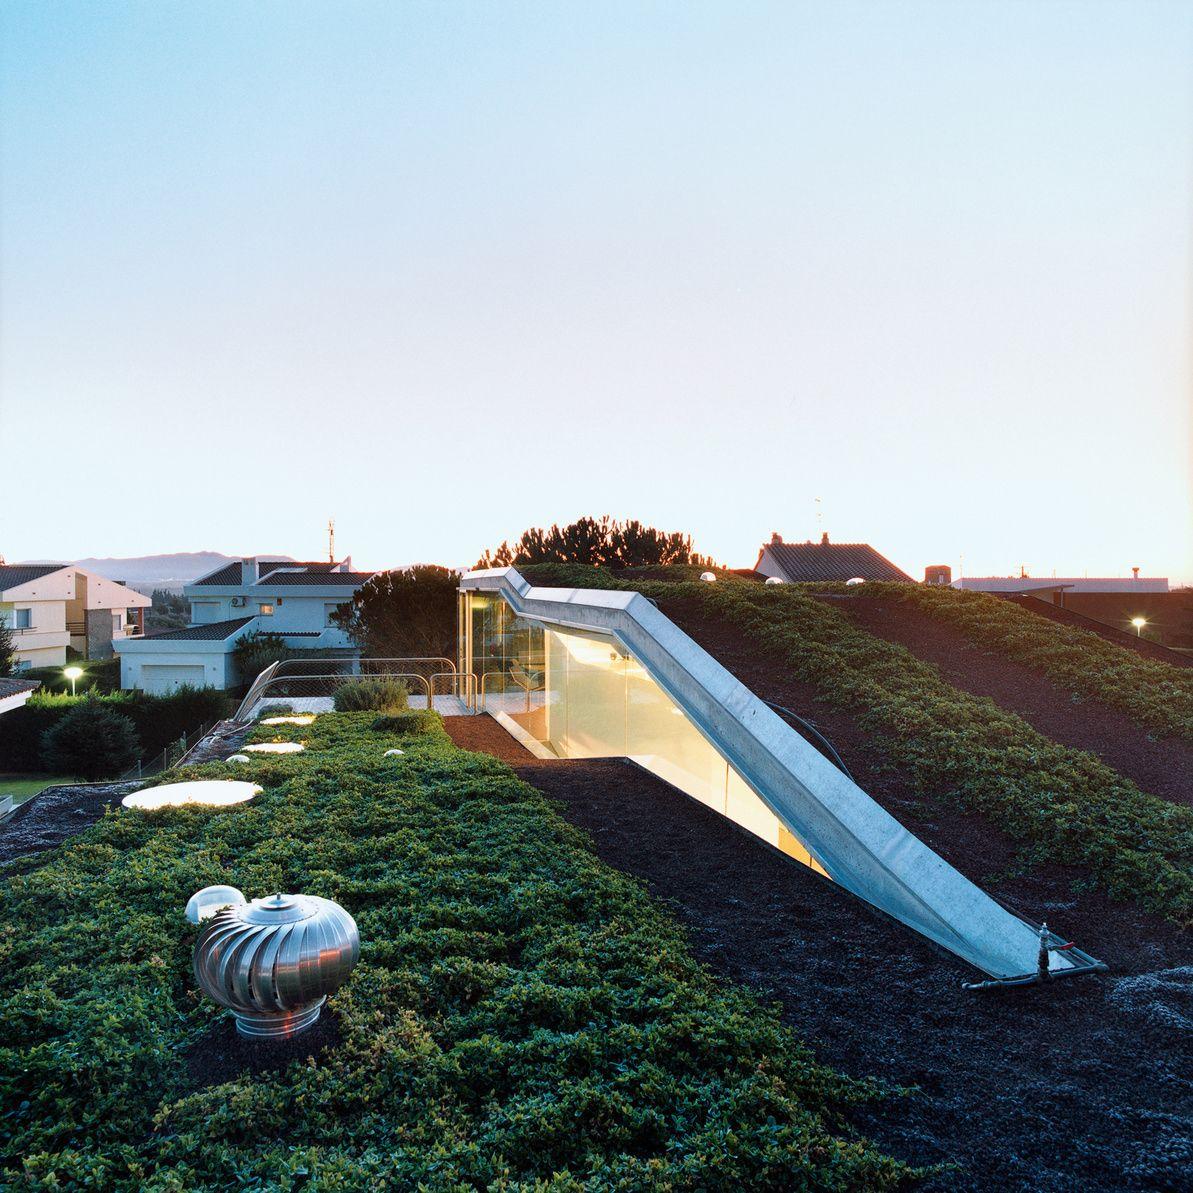 villa bio house hydroponic rooftop garden idees pour la maison architecture ecologique modele architecture